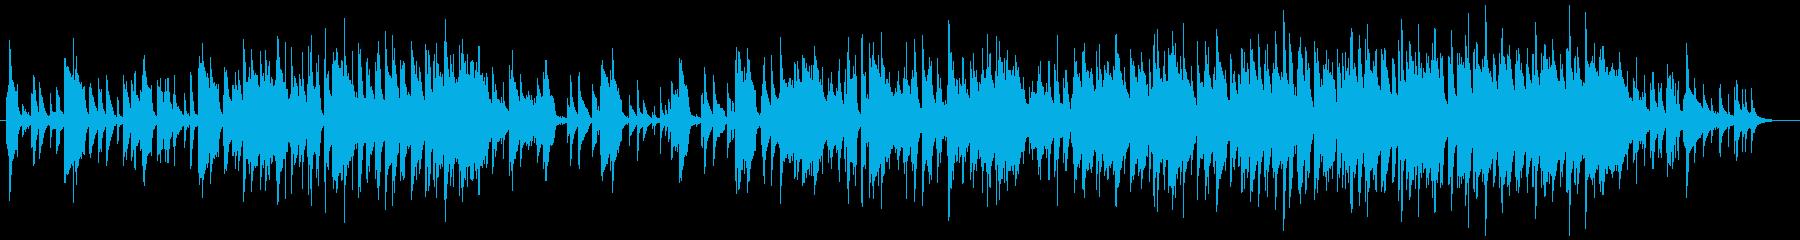 おしゃれなバーのピアノBGMの再生済みの波形